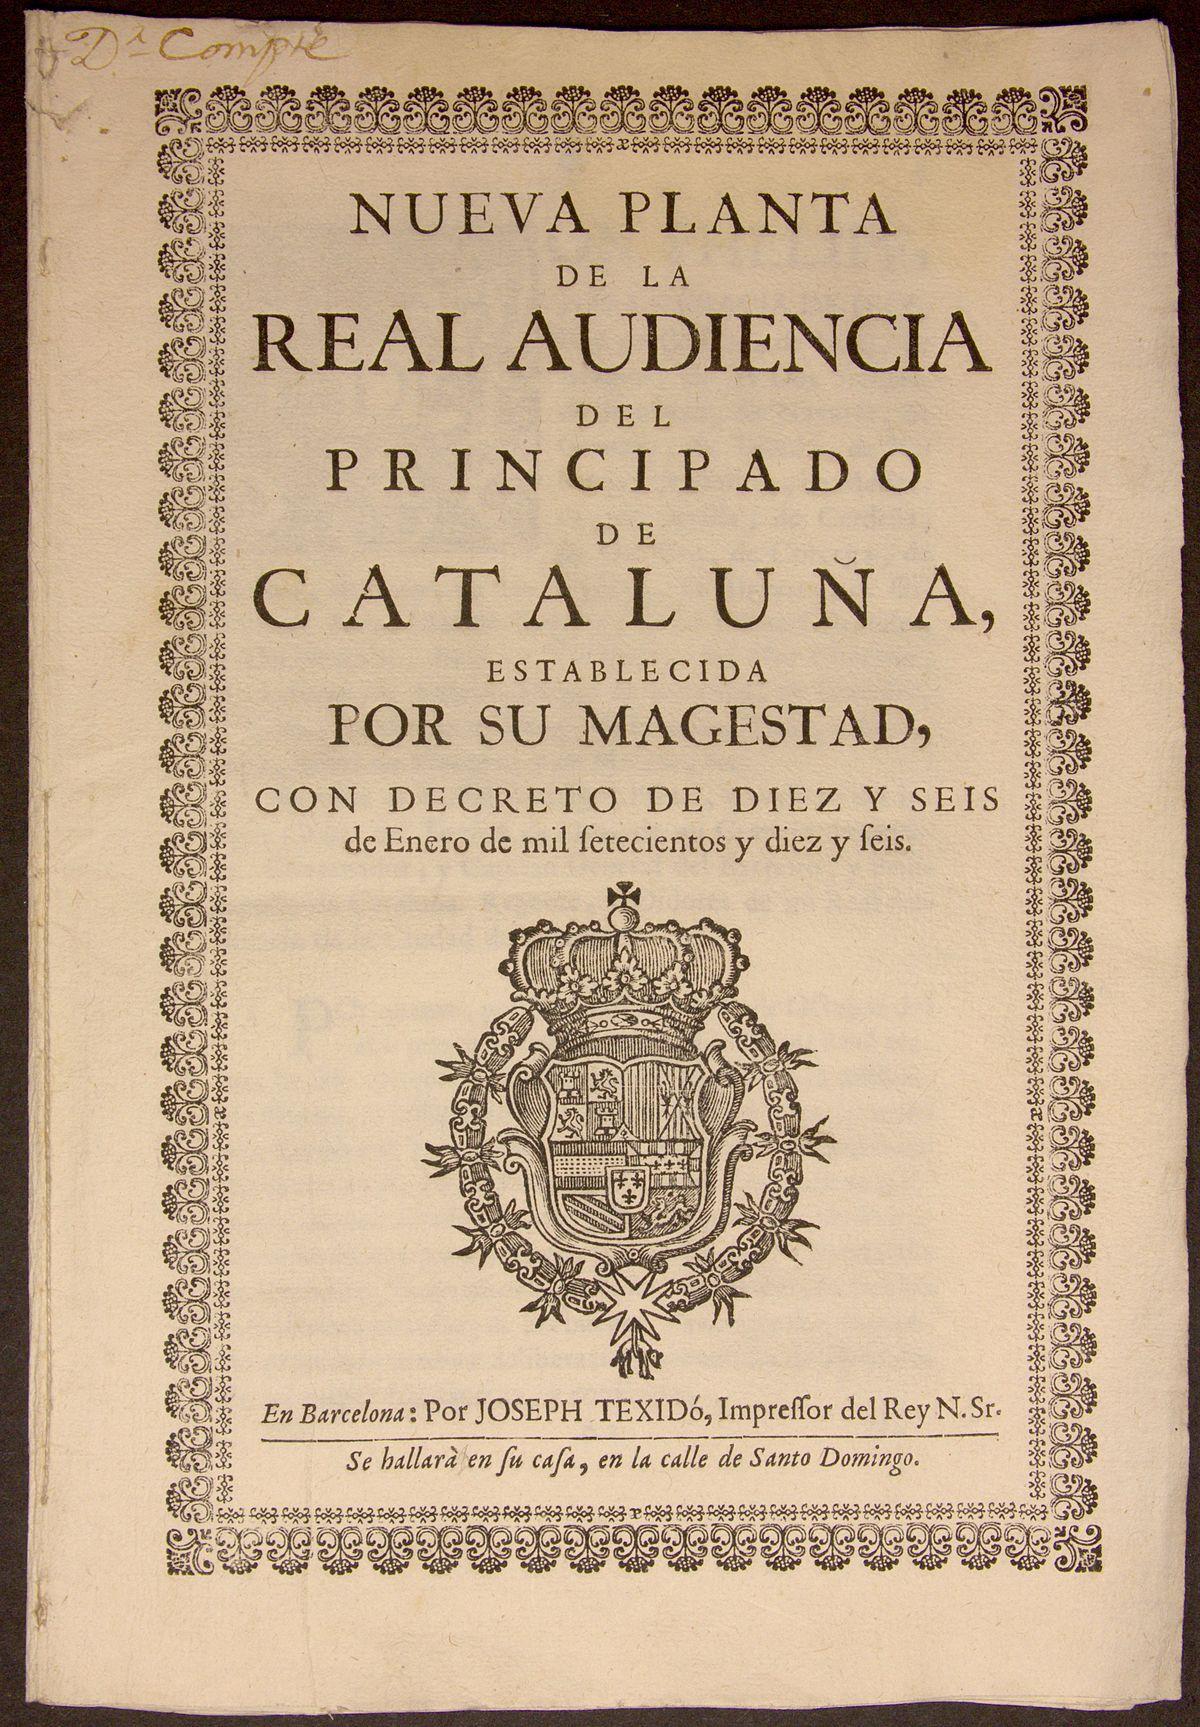 Decretos de Nueva Planta - Wikipedia, la enciclopedia libre